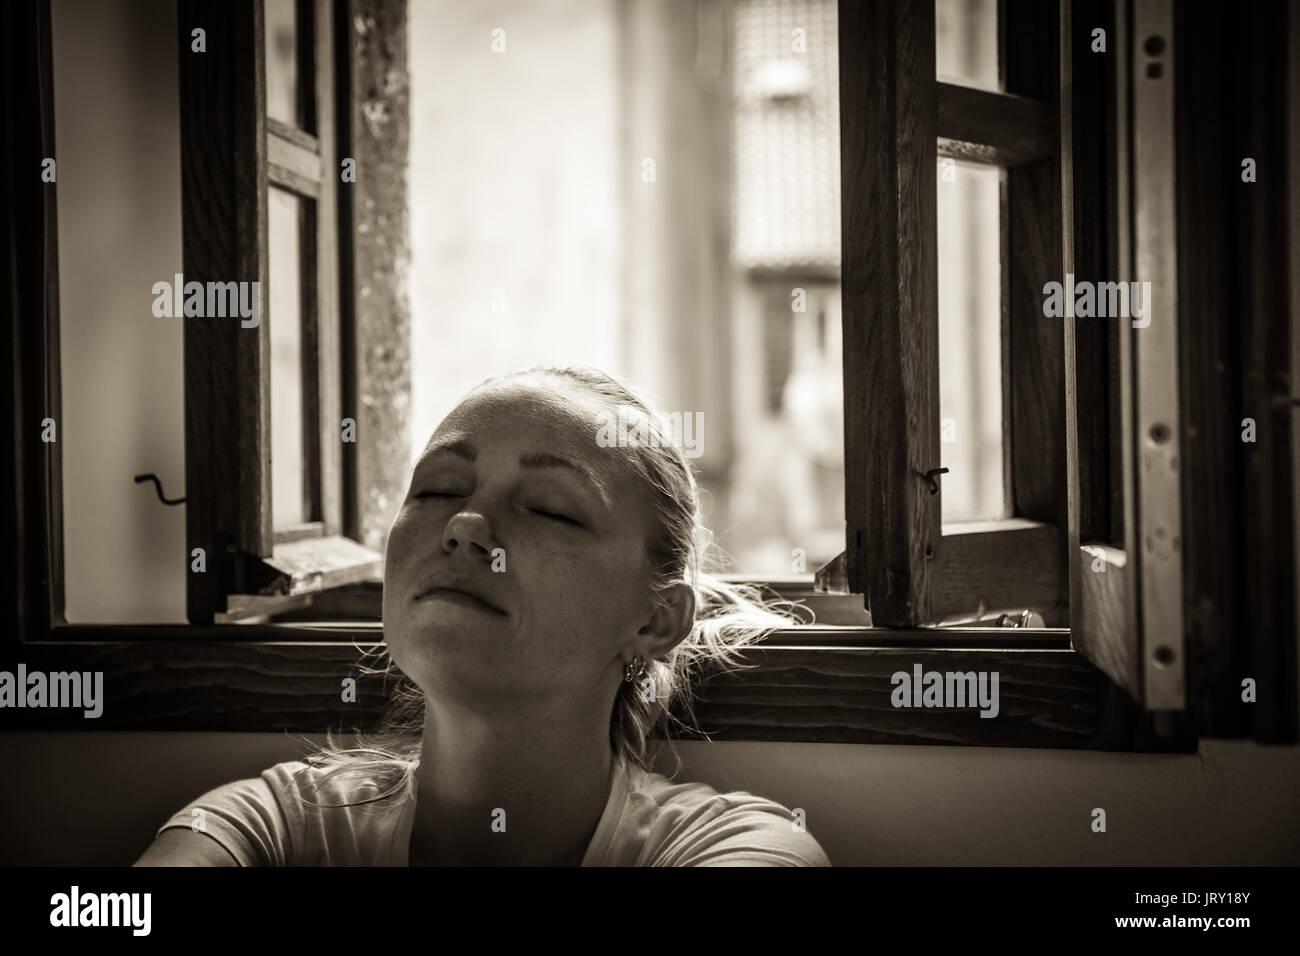 Pensive young woman with closed eyes perdue dans ses pensées se détendre et rêver près de fenêtre ouverte en noir et blanc en couleur de façon spectaculaire avec style vintage Photo Stock